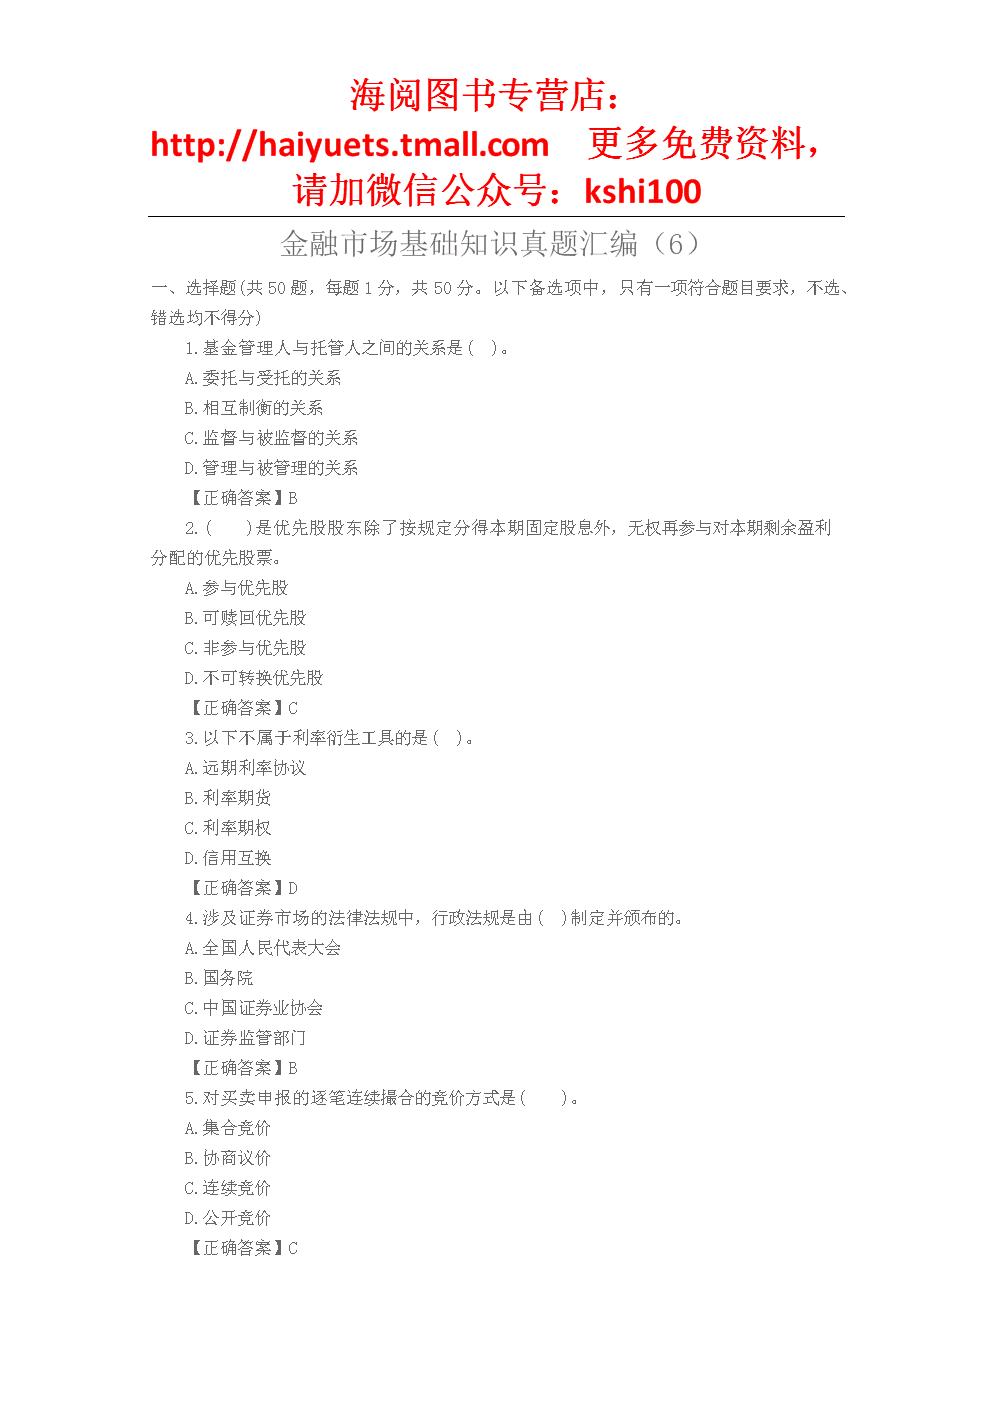 金融市场基础知识真题汇编 (6).docx